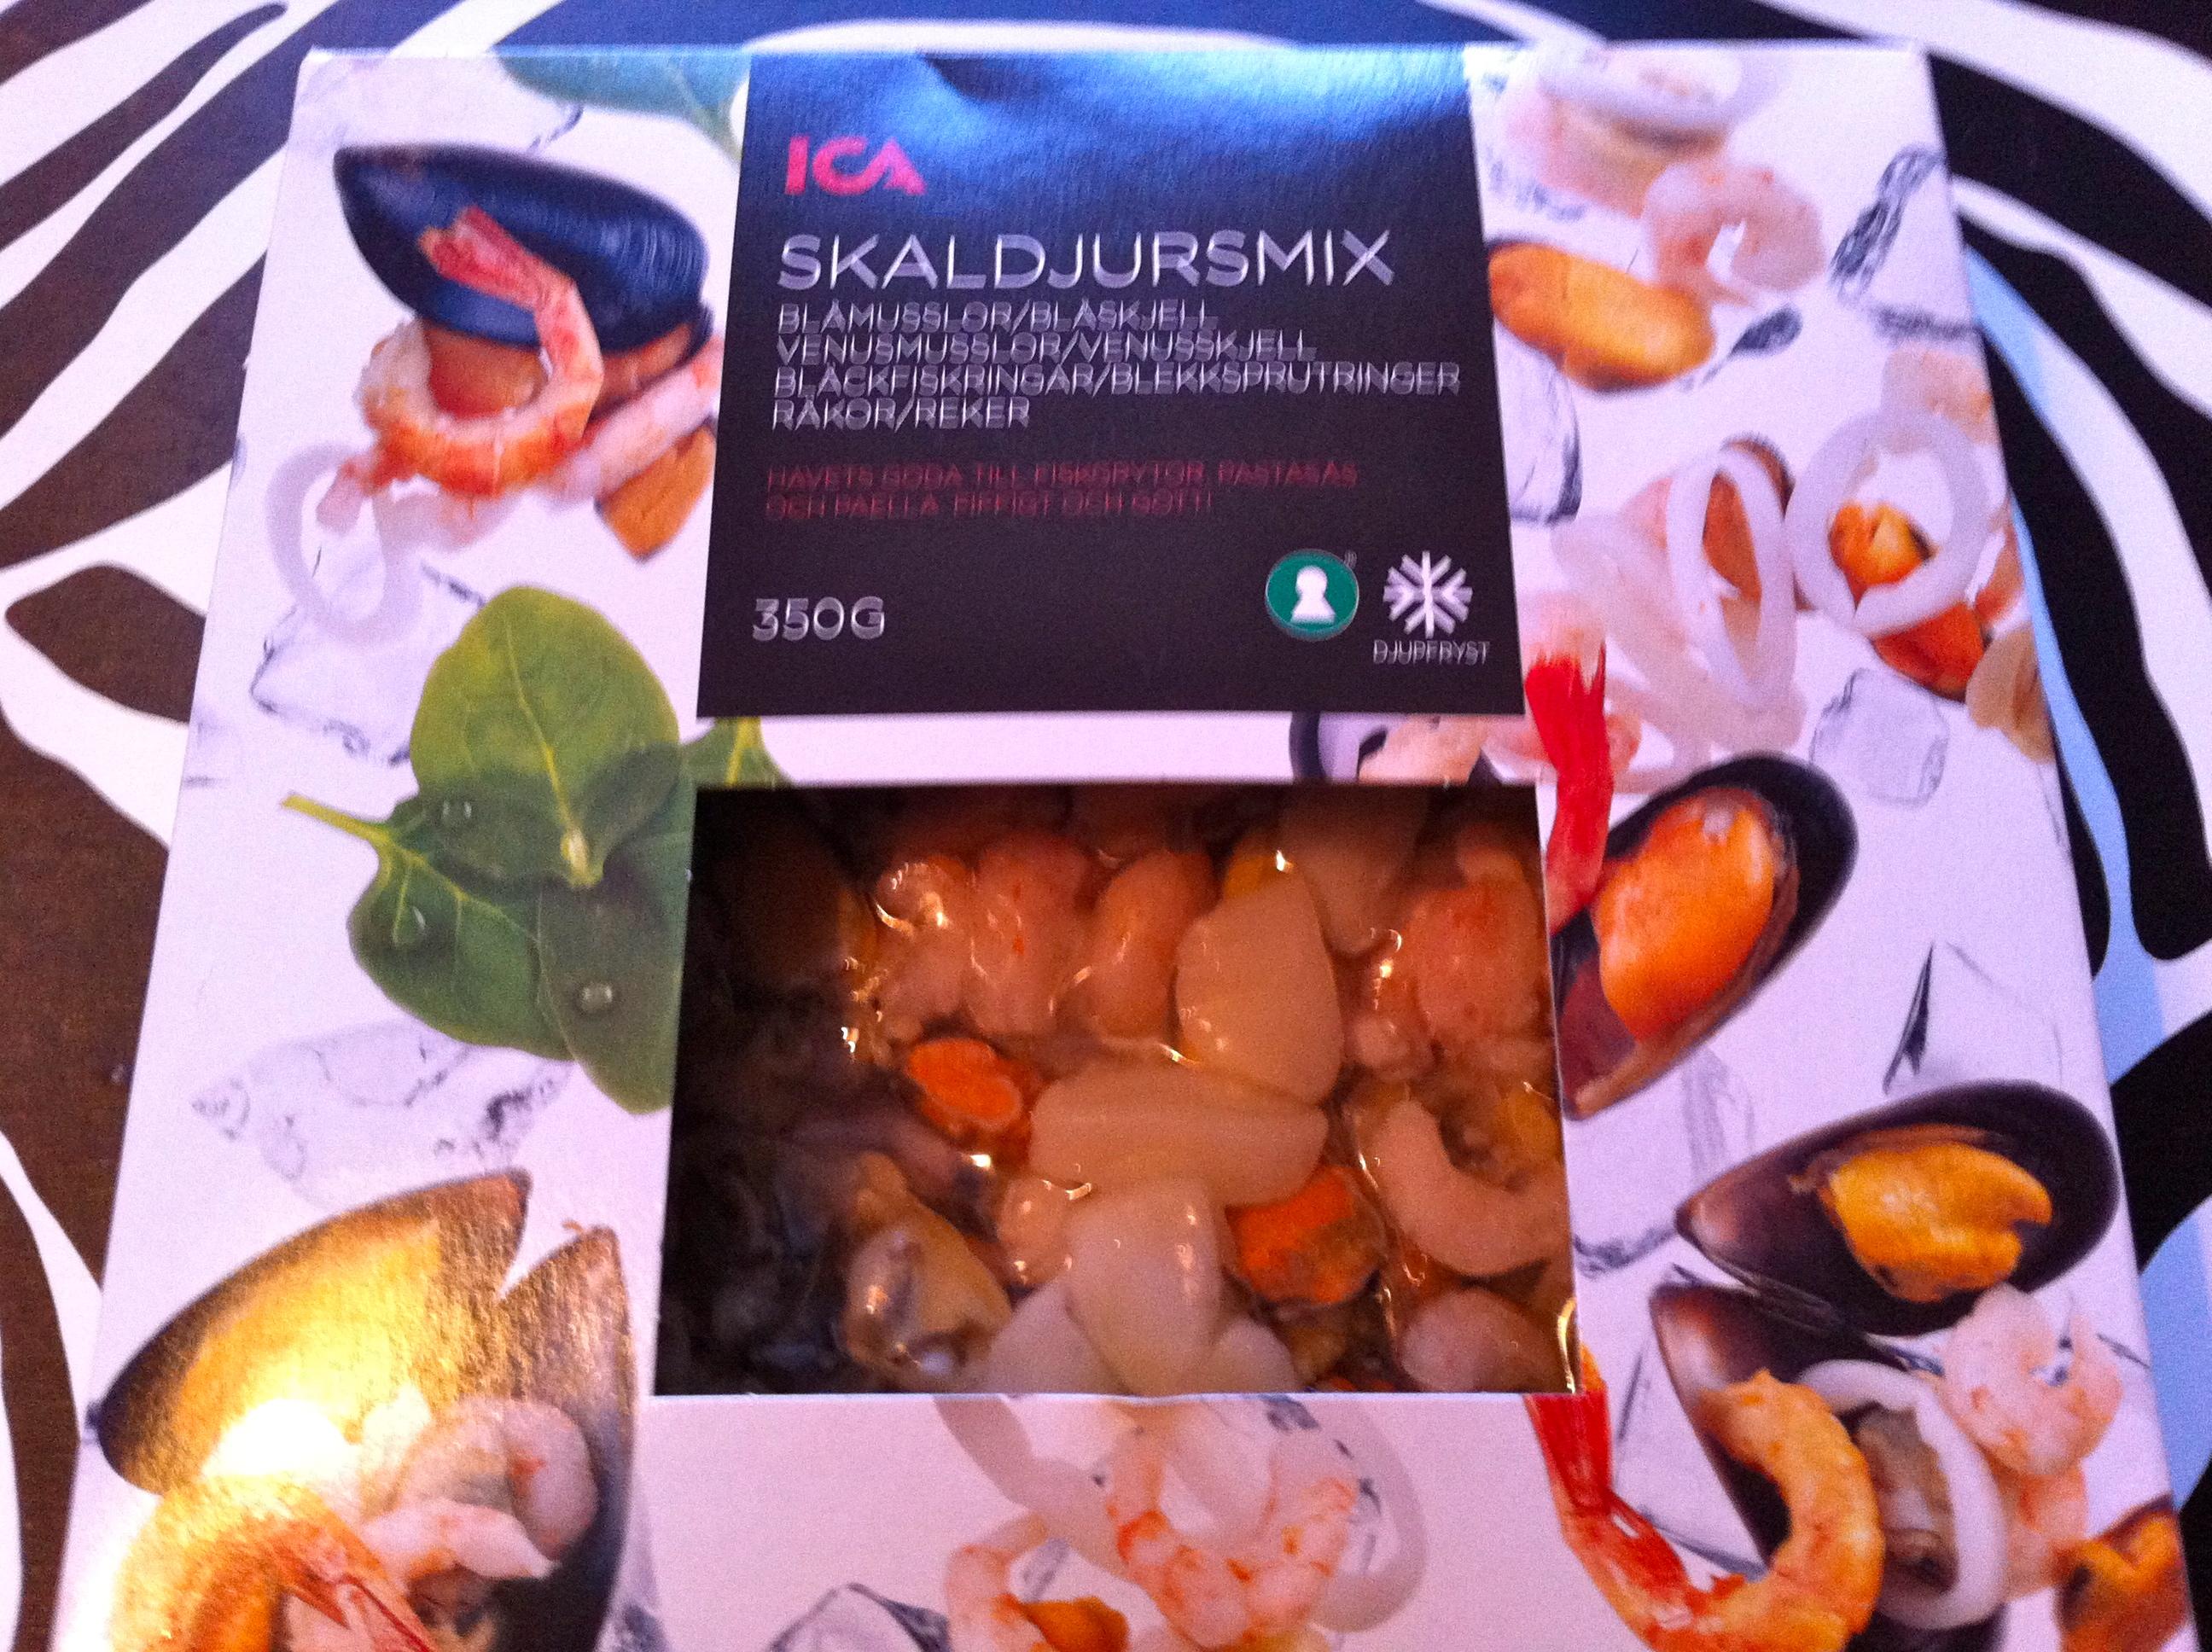 köpa musslor ica